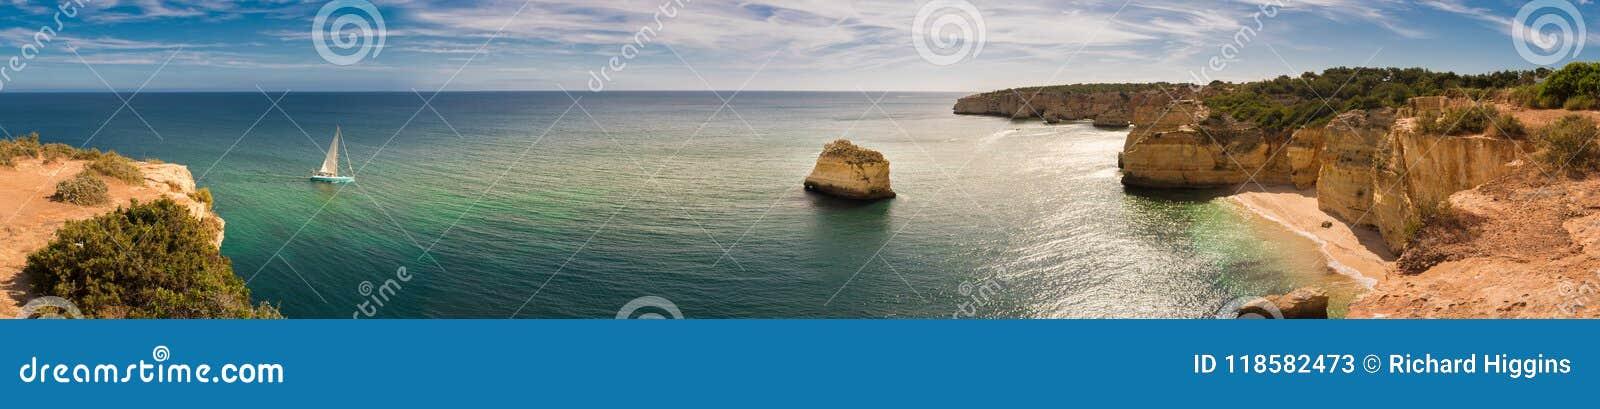 Panorama du littoral d Algarve au Portugal avec un bateau à voile se déplaçant vers la plage de Marinha